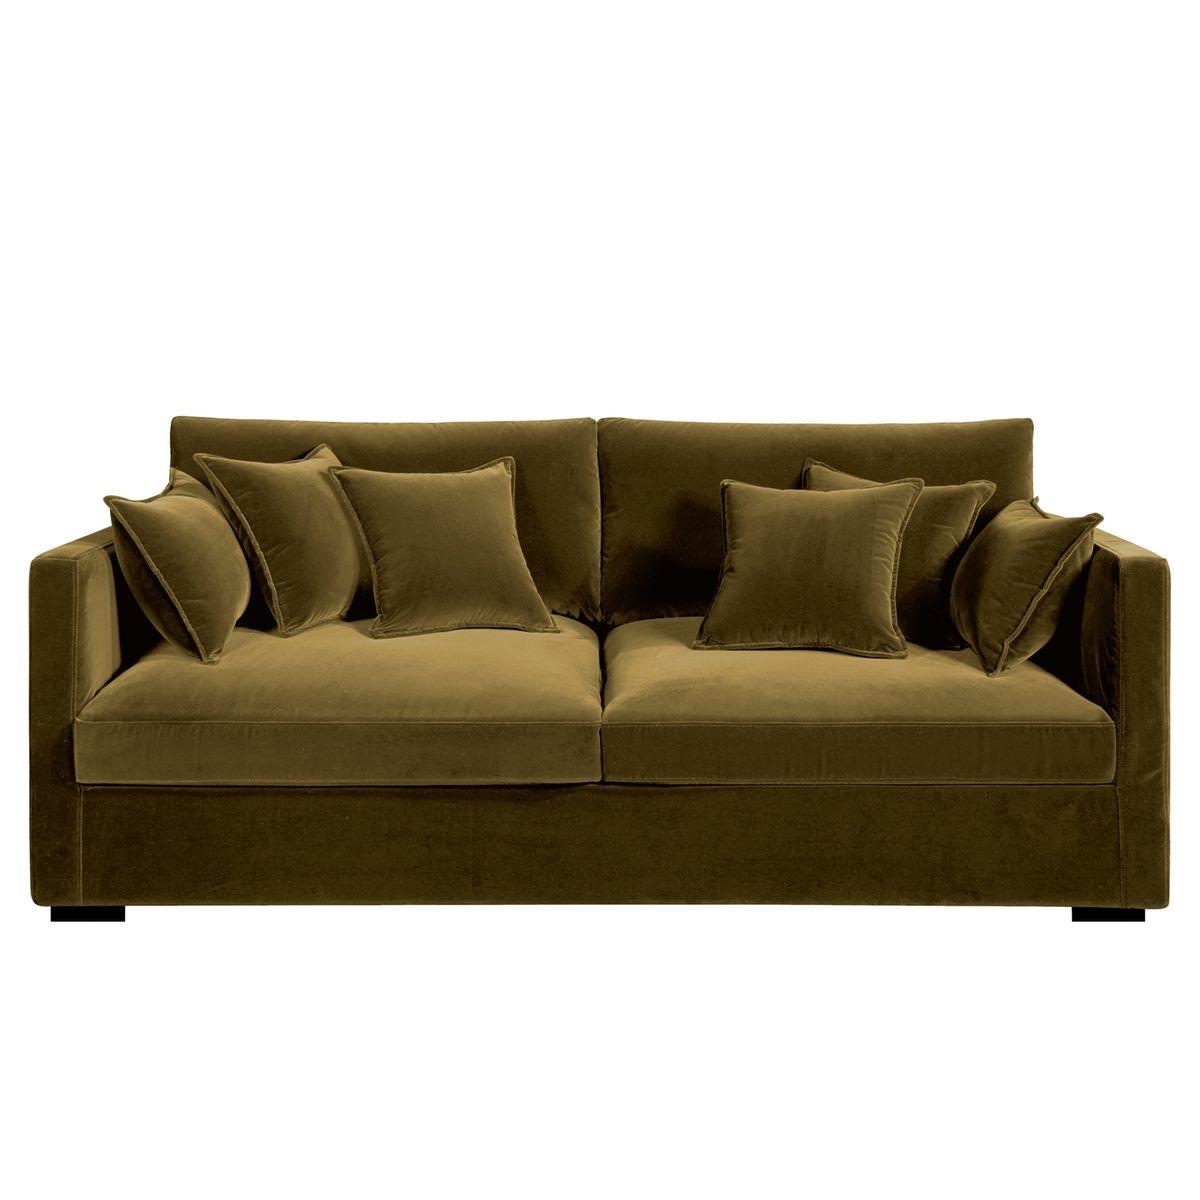 Achat canap s salle salon meubles discount page 49 - Canape profondeur 80 cm ...